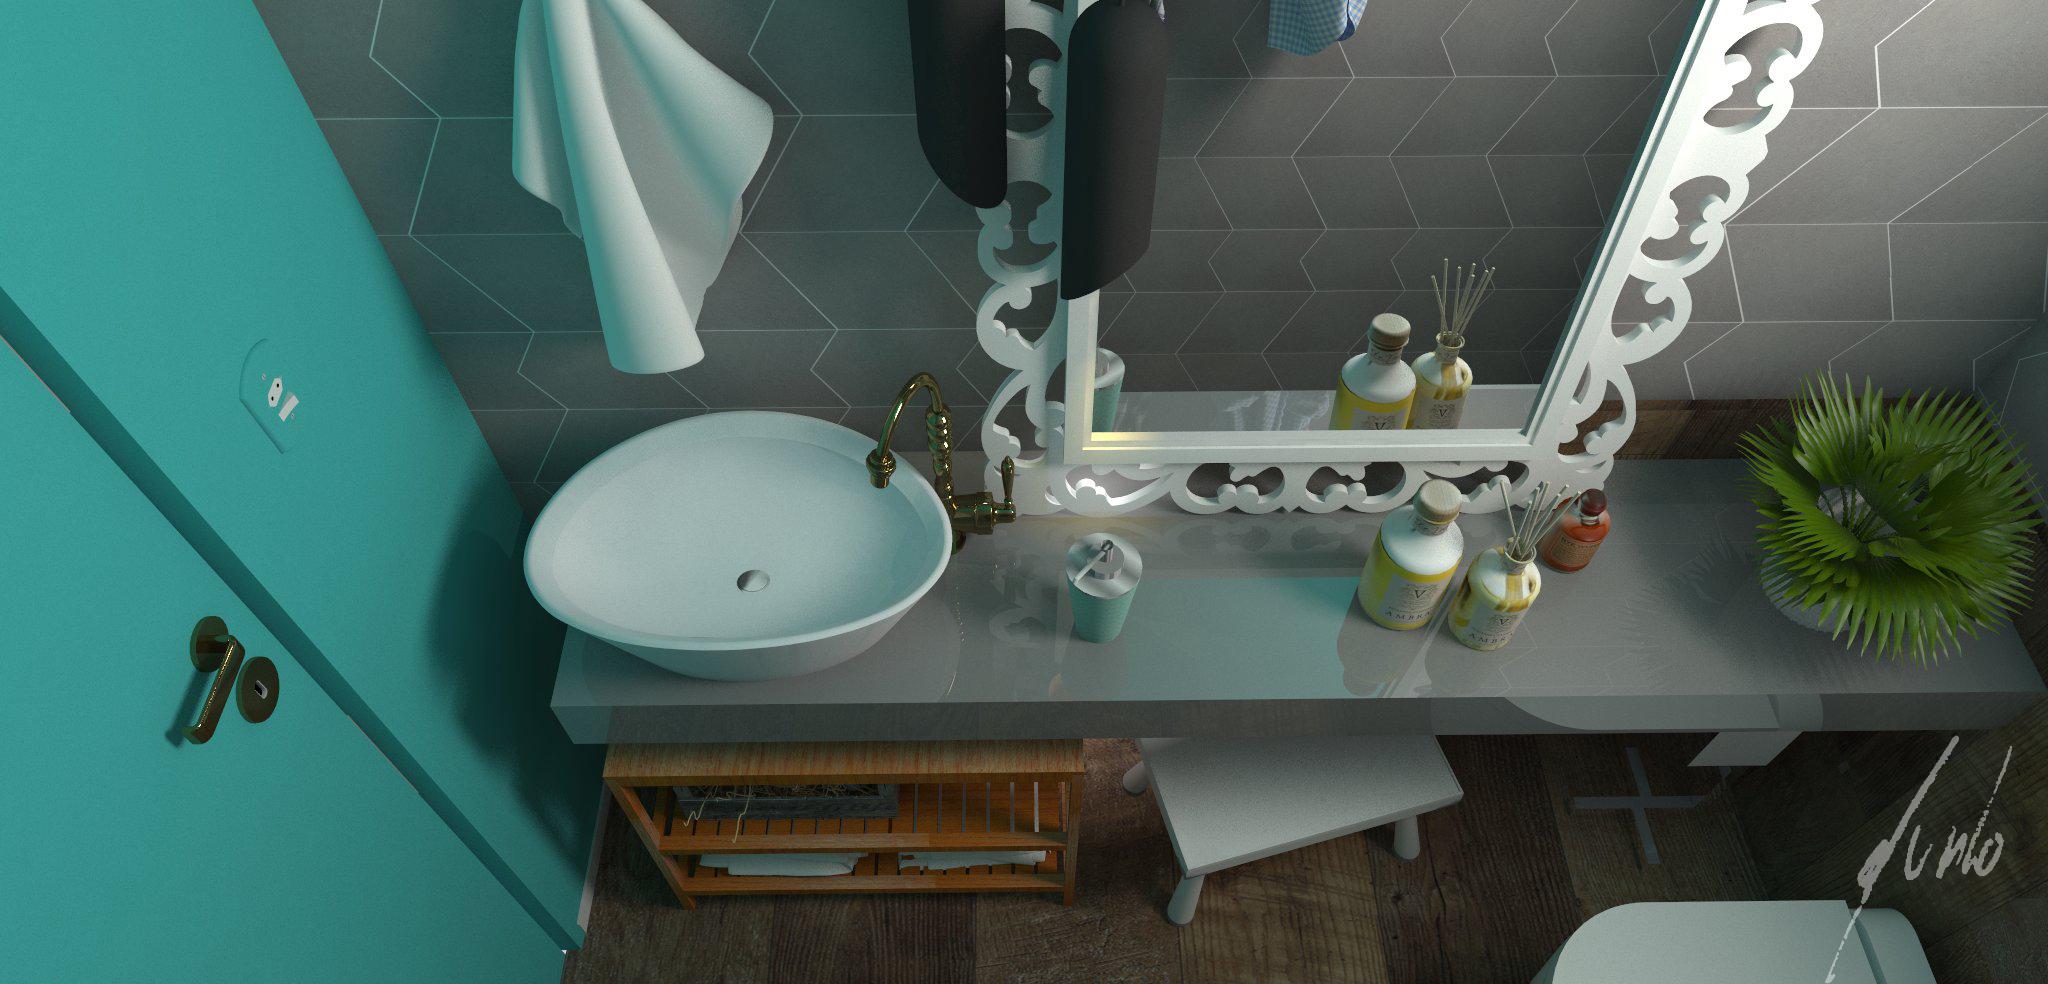 de banheiros pequenos e simples como montar um banheiro pequeno e #368581 2048 984